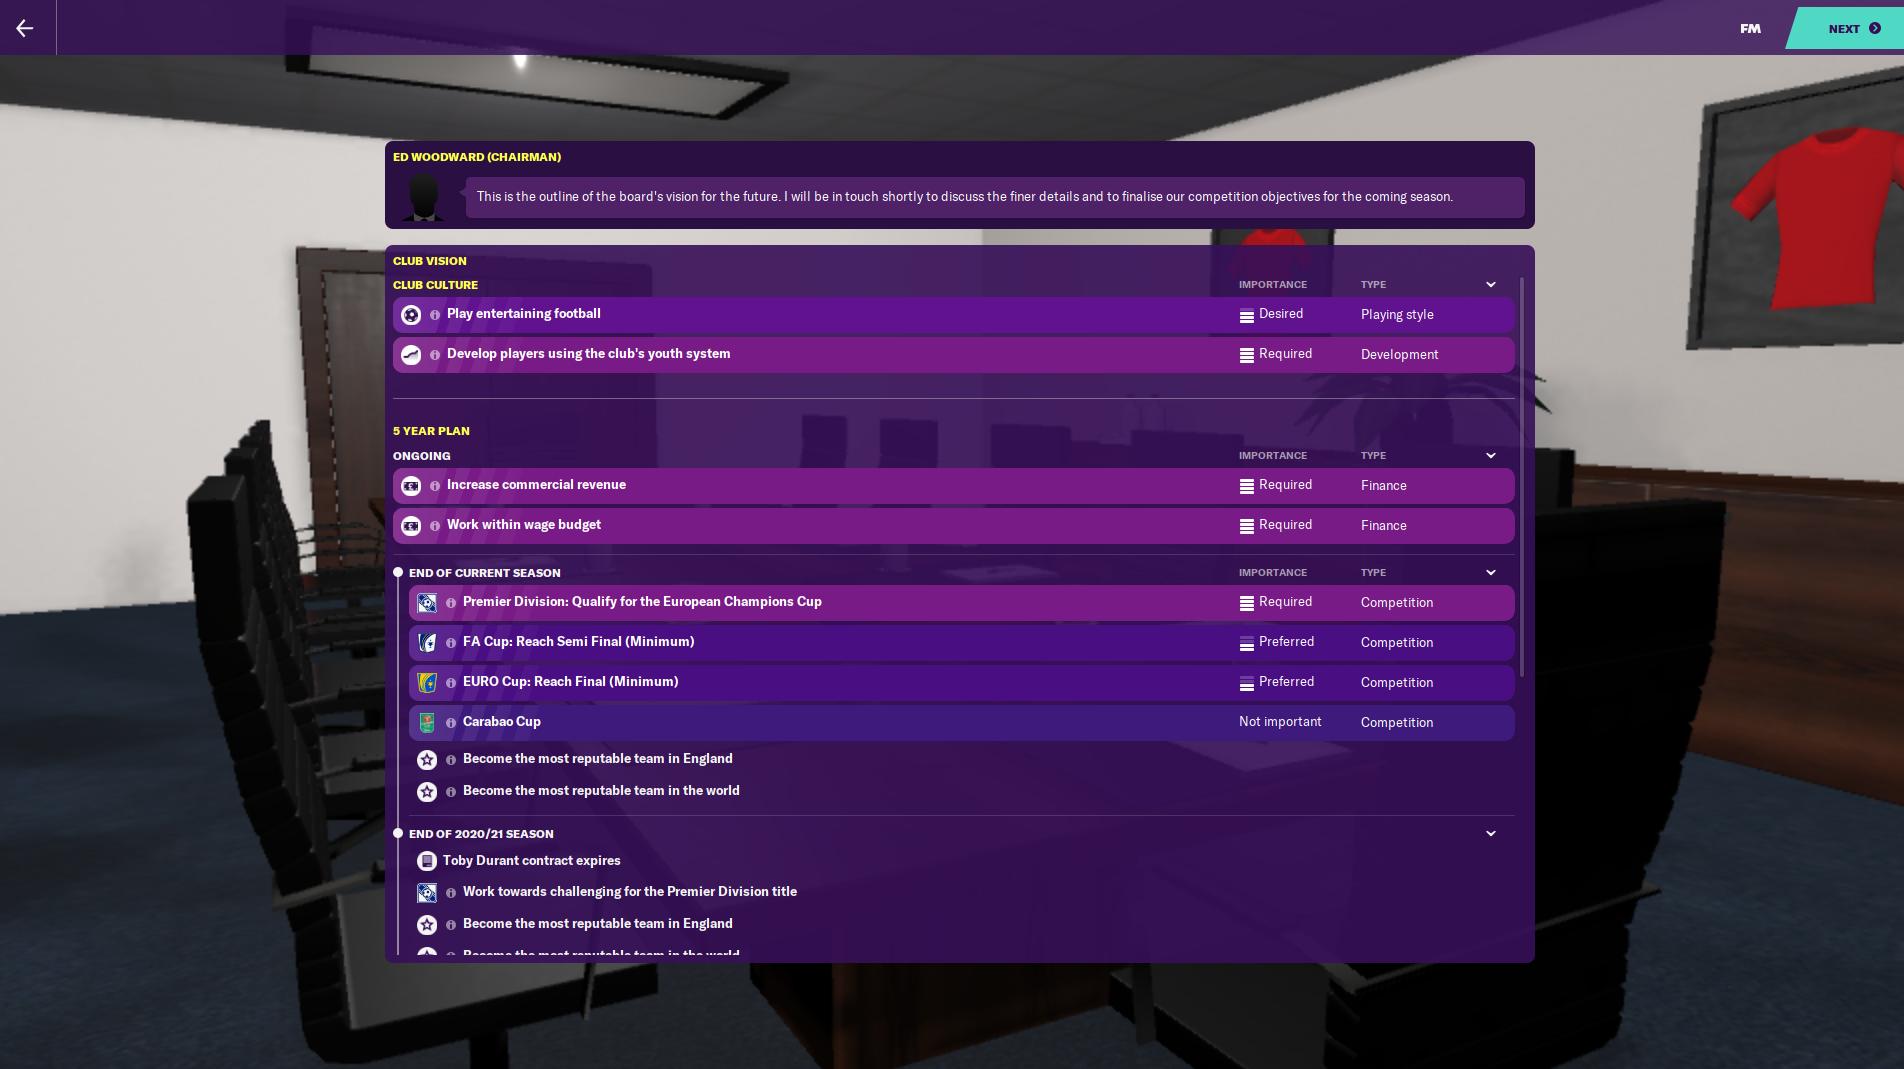 La visión del Club FM20 de Man Utd dice que debes terminar entre los cuatro primeros